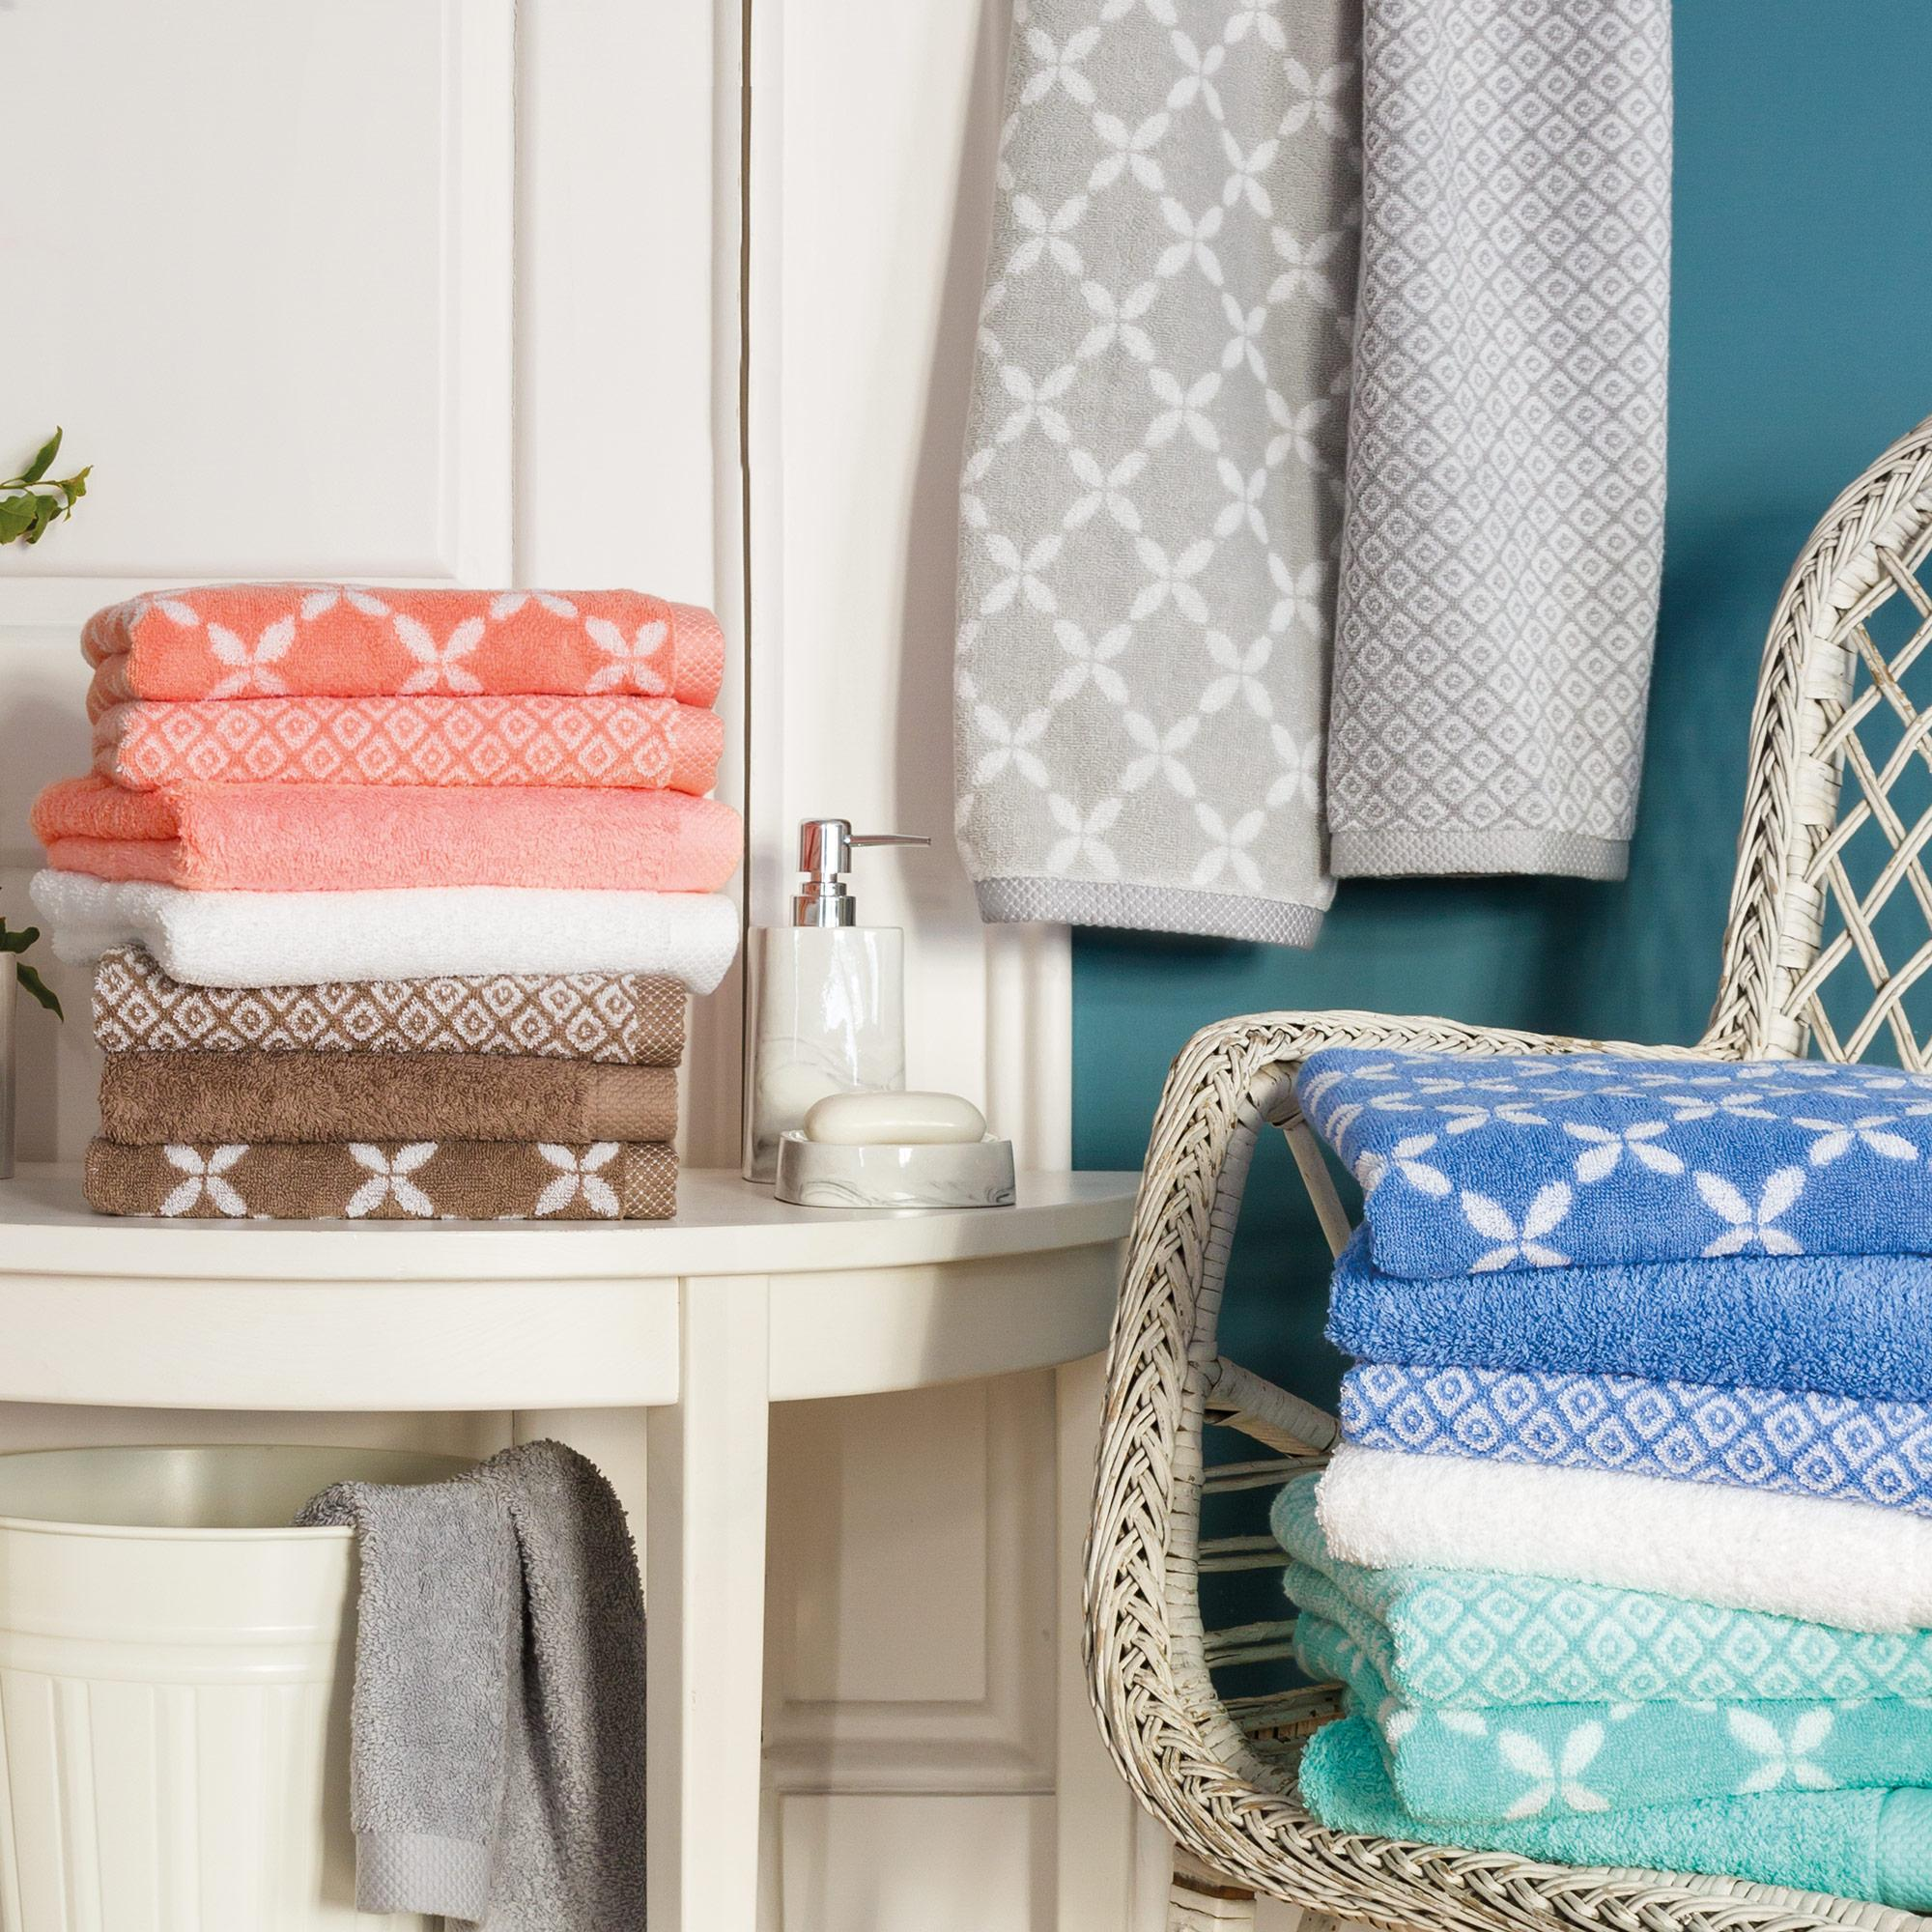 parure de bain 4 pi ces shibori floral beige 100 coton 500g m2 ebay. Black Bedroom Furniture Sets. Home Design Ideas